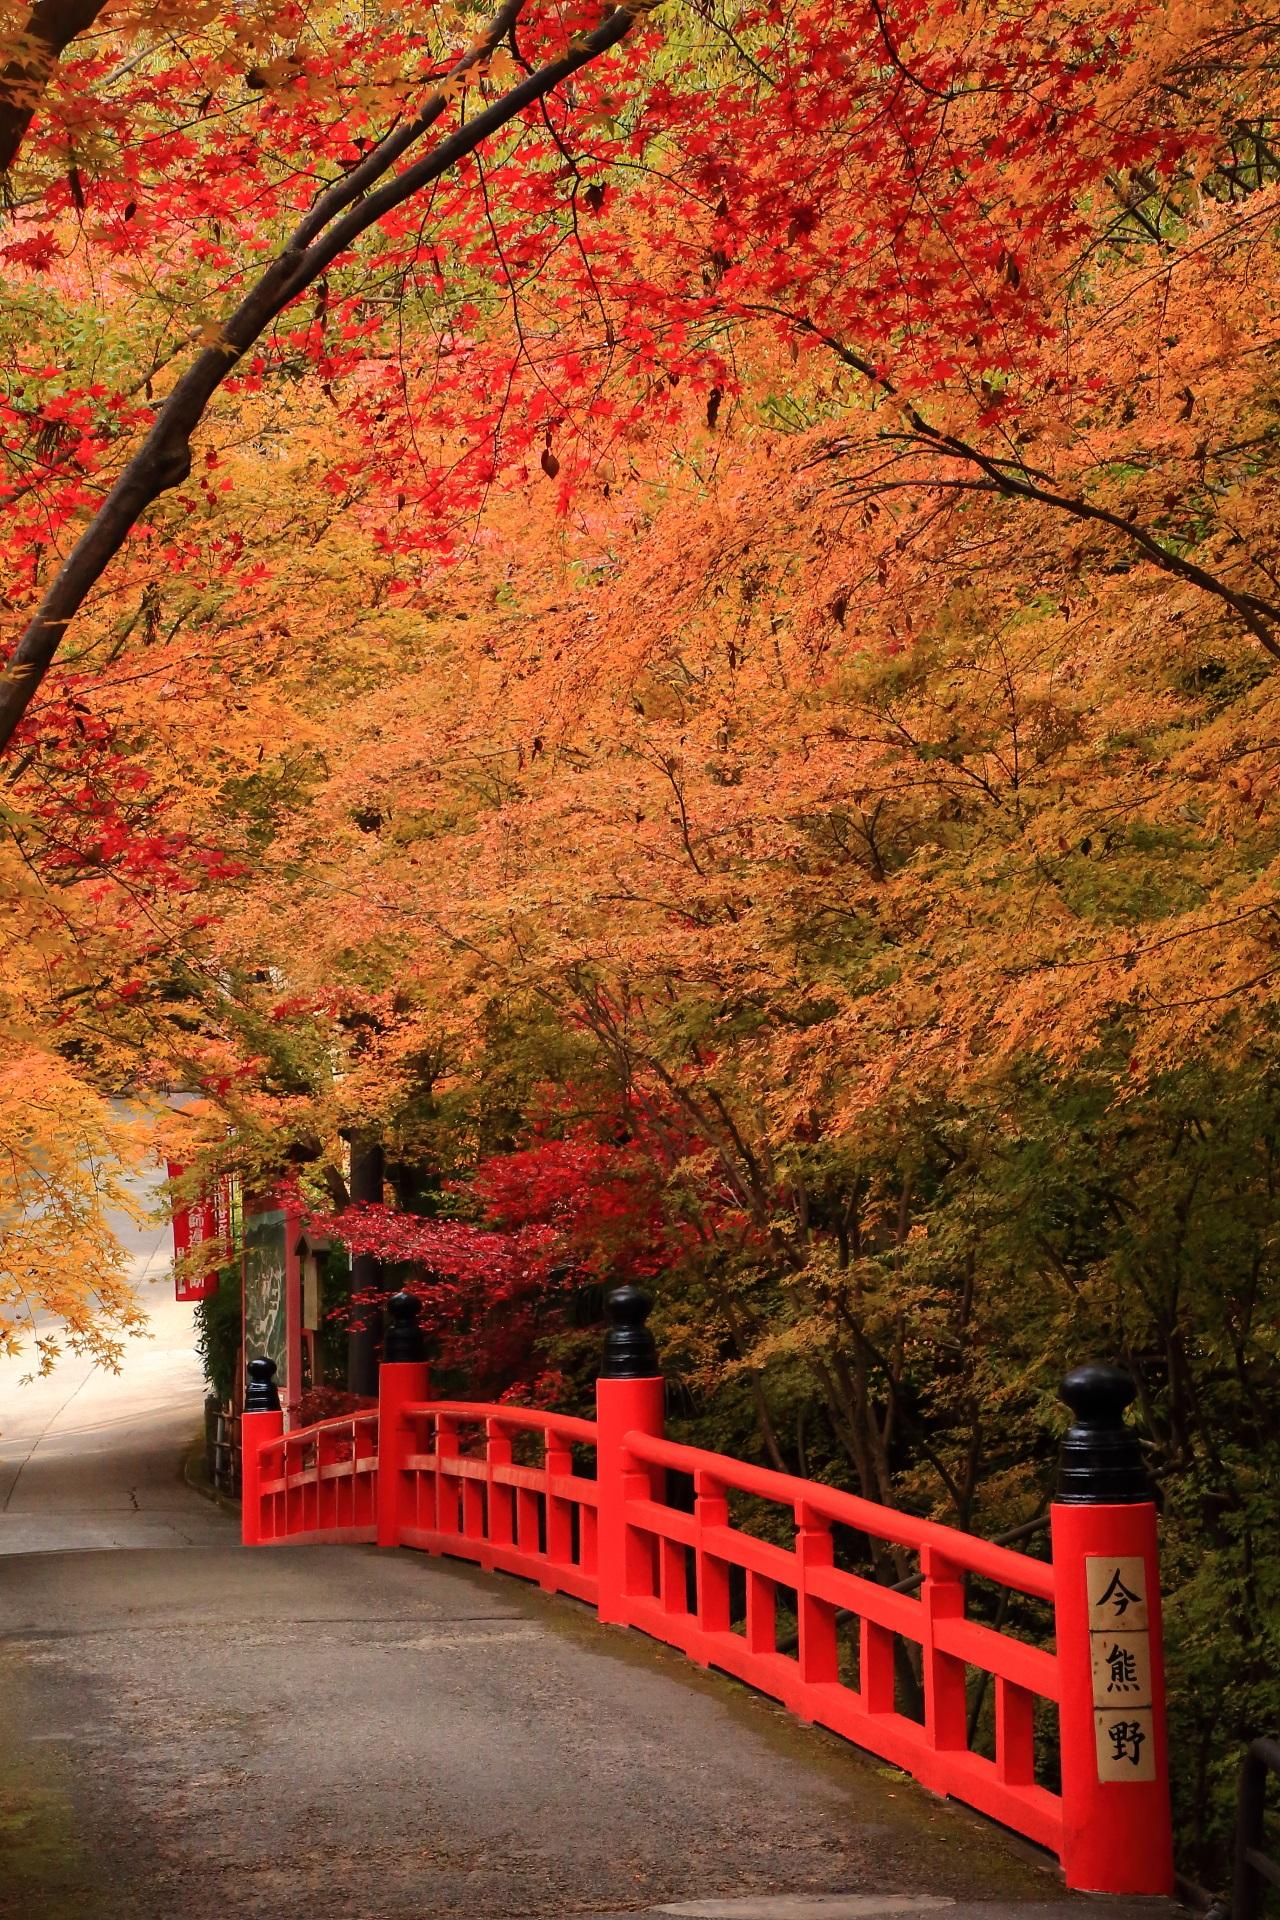 温かくほのかな紅葉に染まった朱色の鳥居橋